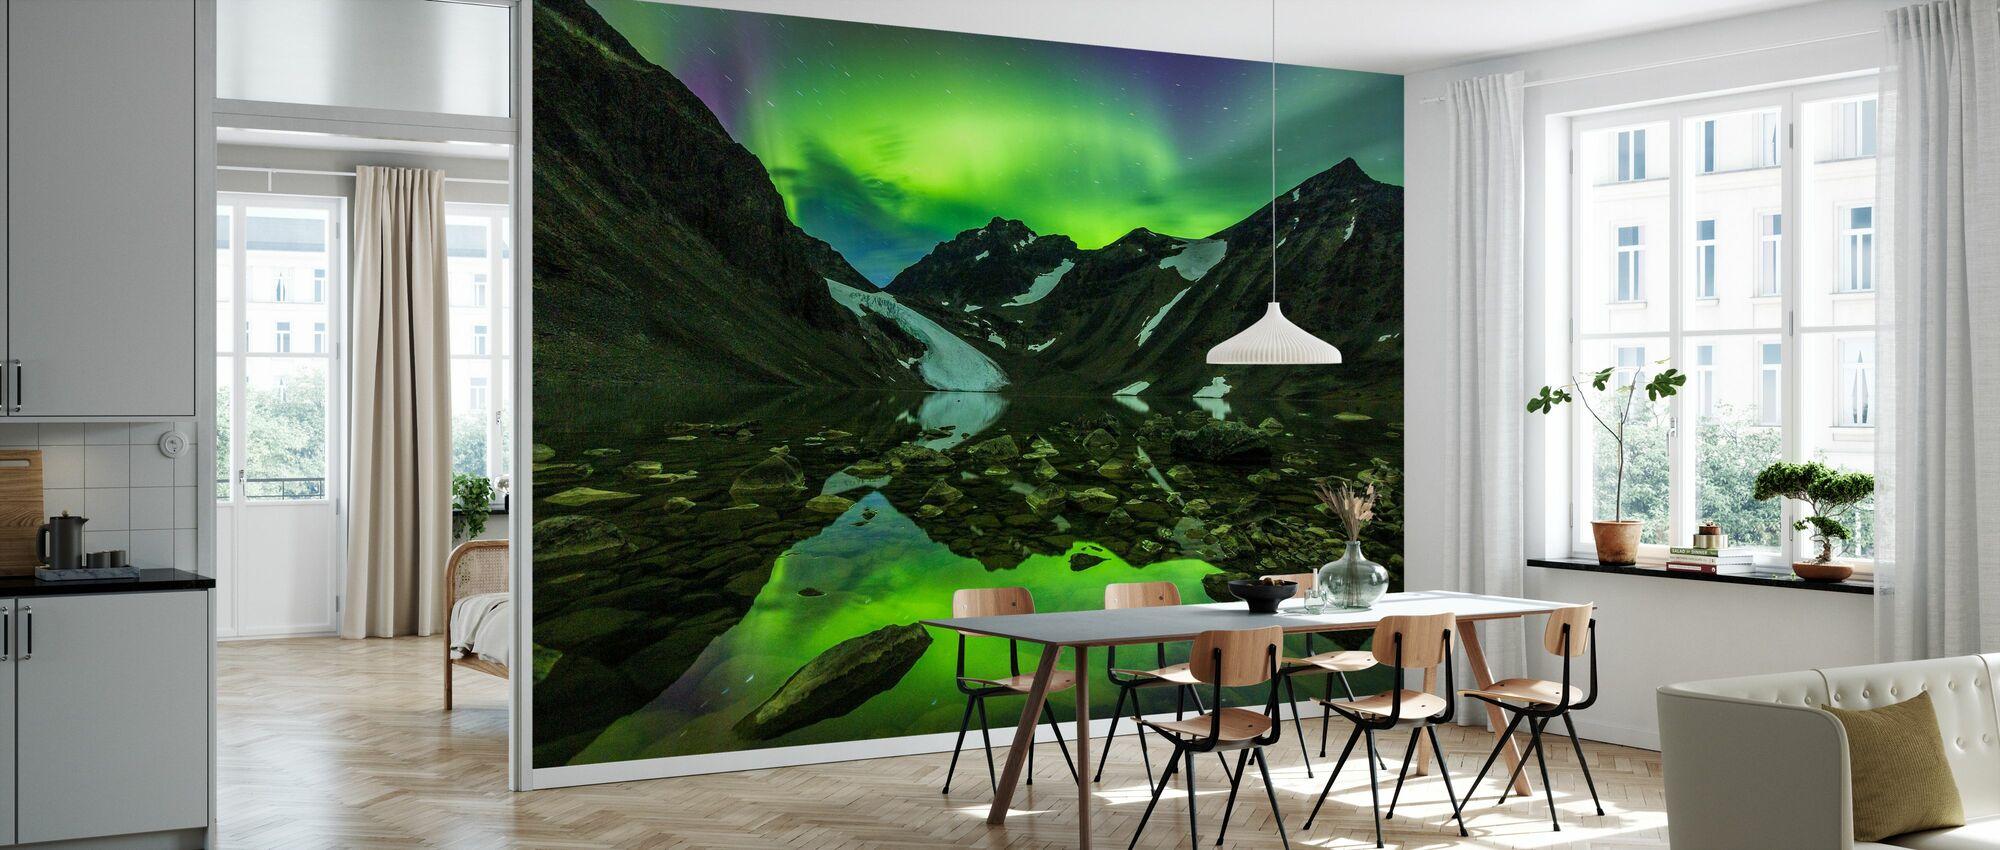 Aurora II - Wallpaper - Kitchen